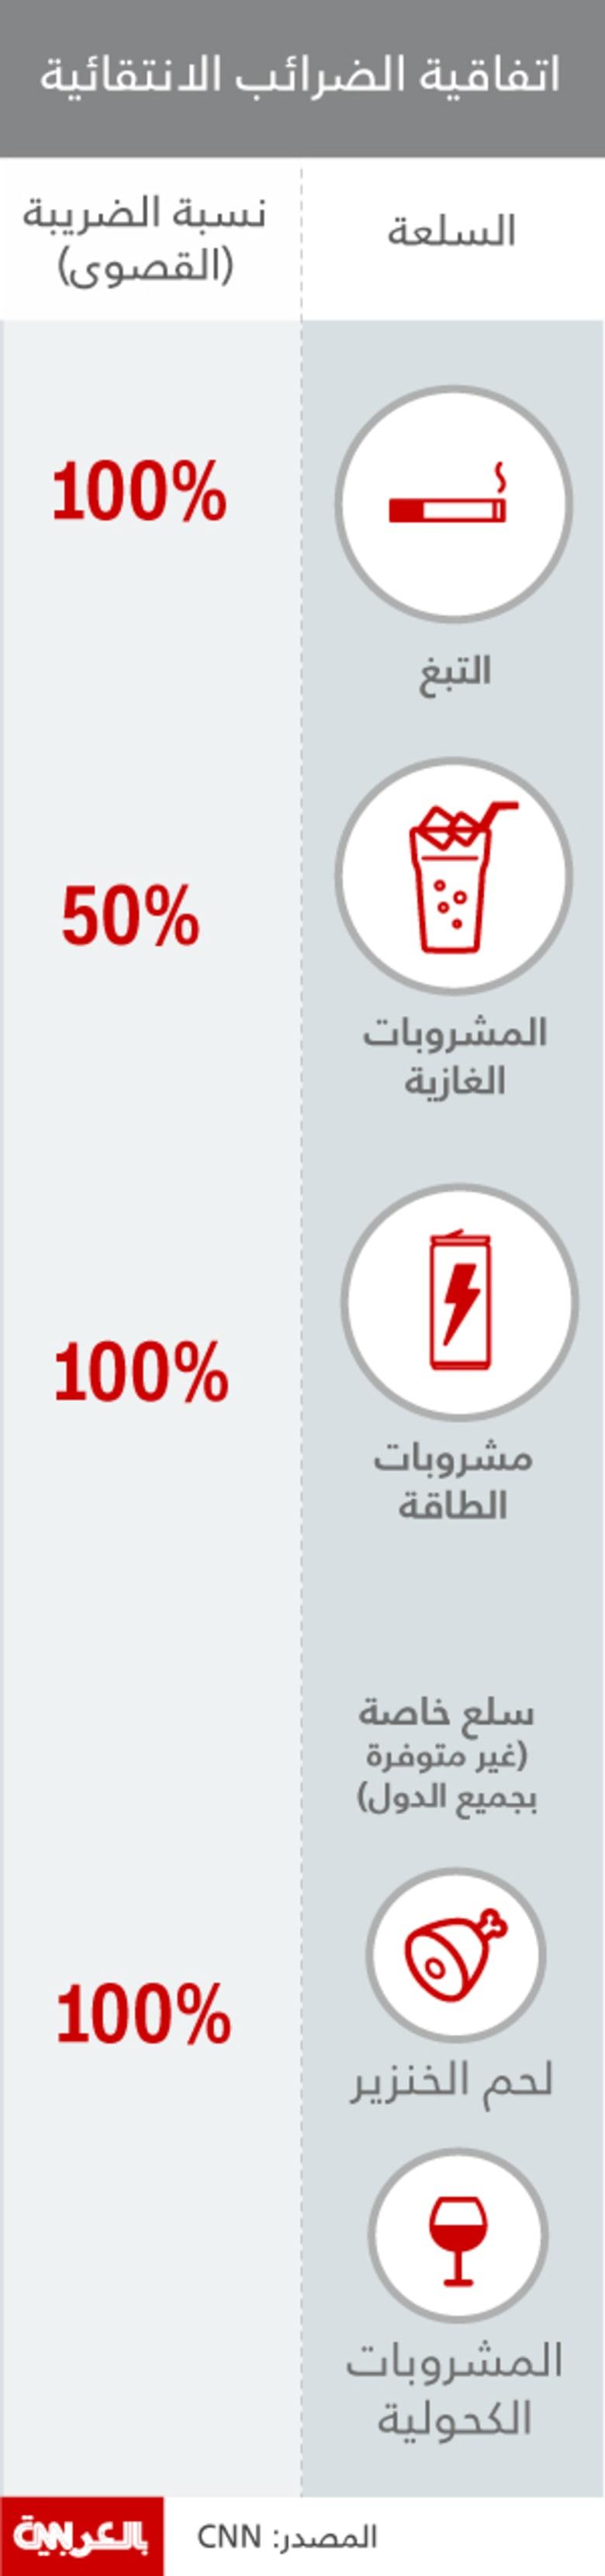 بالانفوجرافيك: كيف ستصبح أسعار الدخان والمشروبات الغازية بالسعودية بعد الضريبة؟